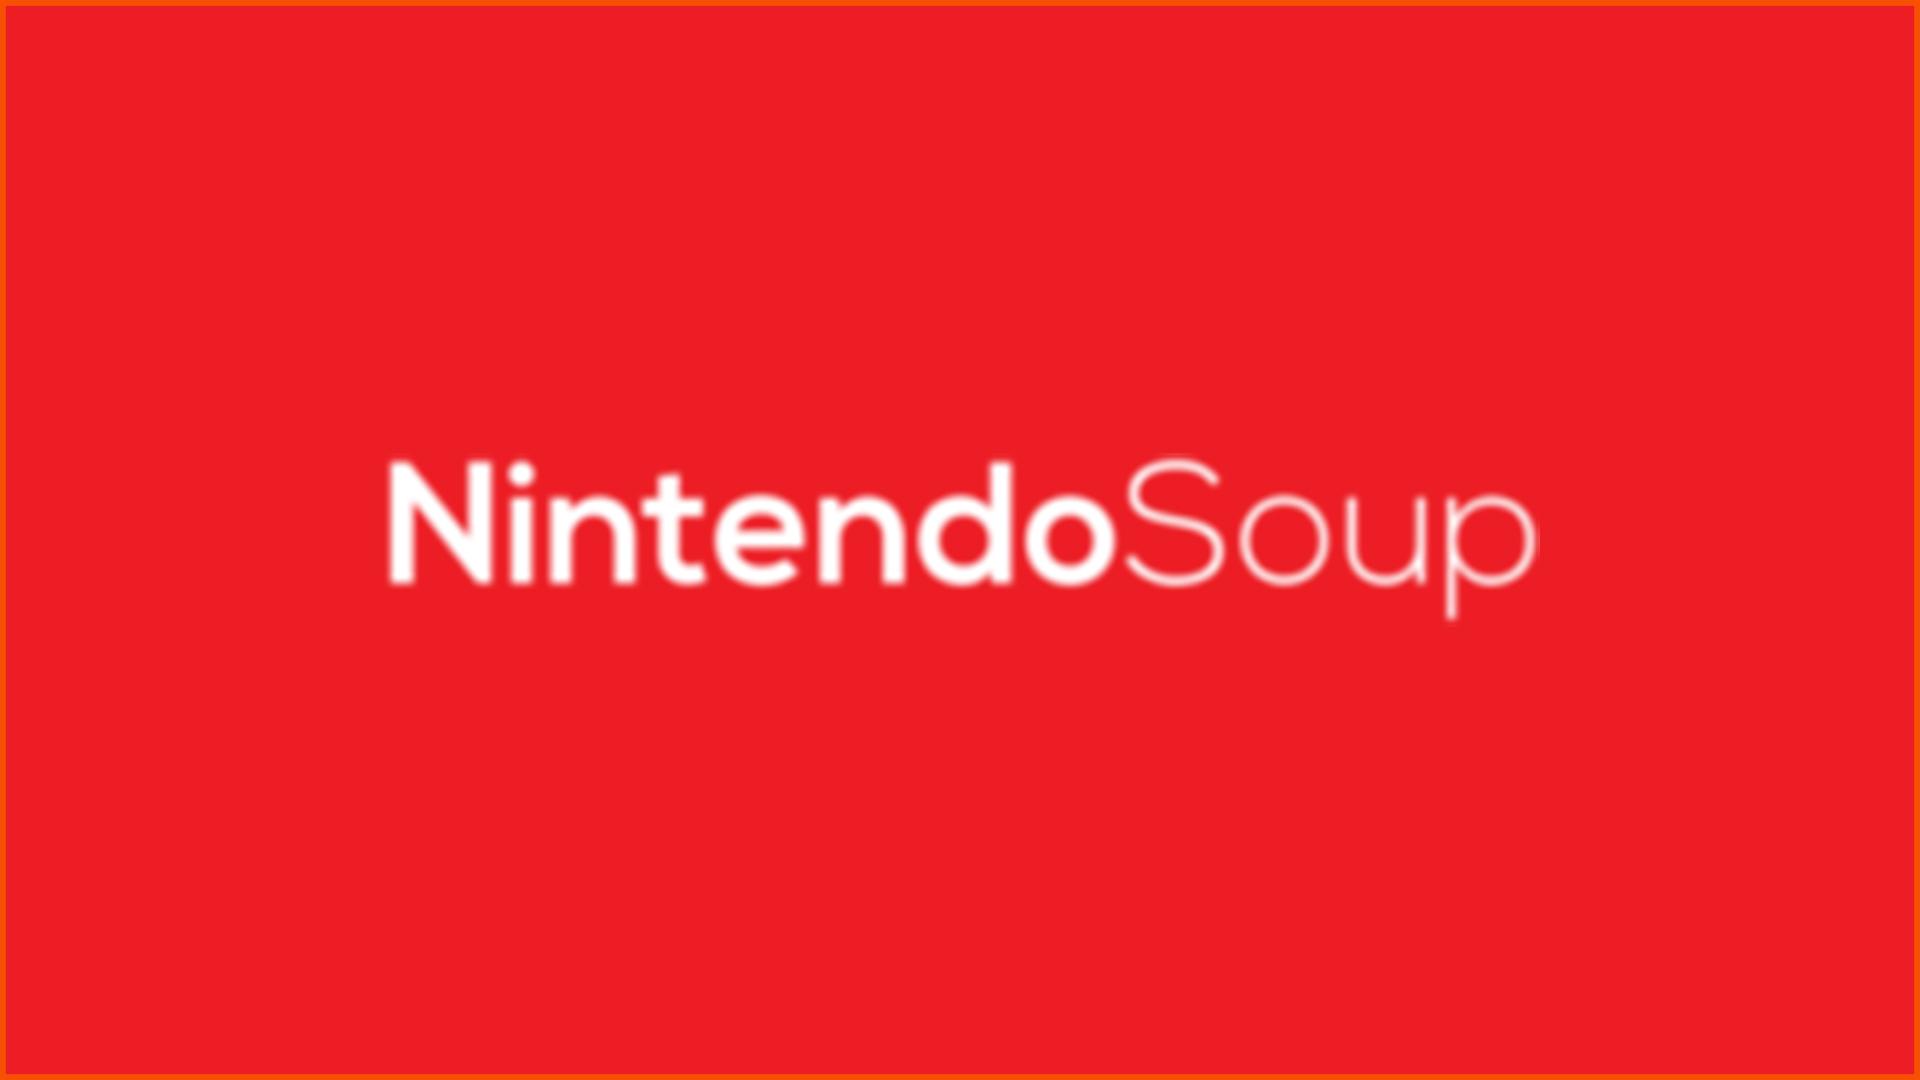 Nintendo-Soup-logo